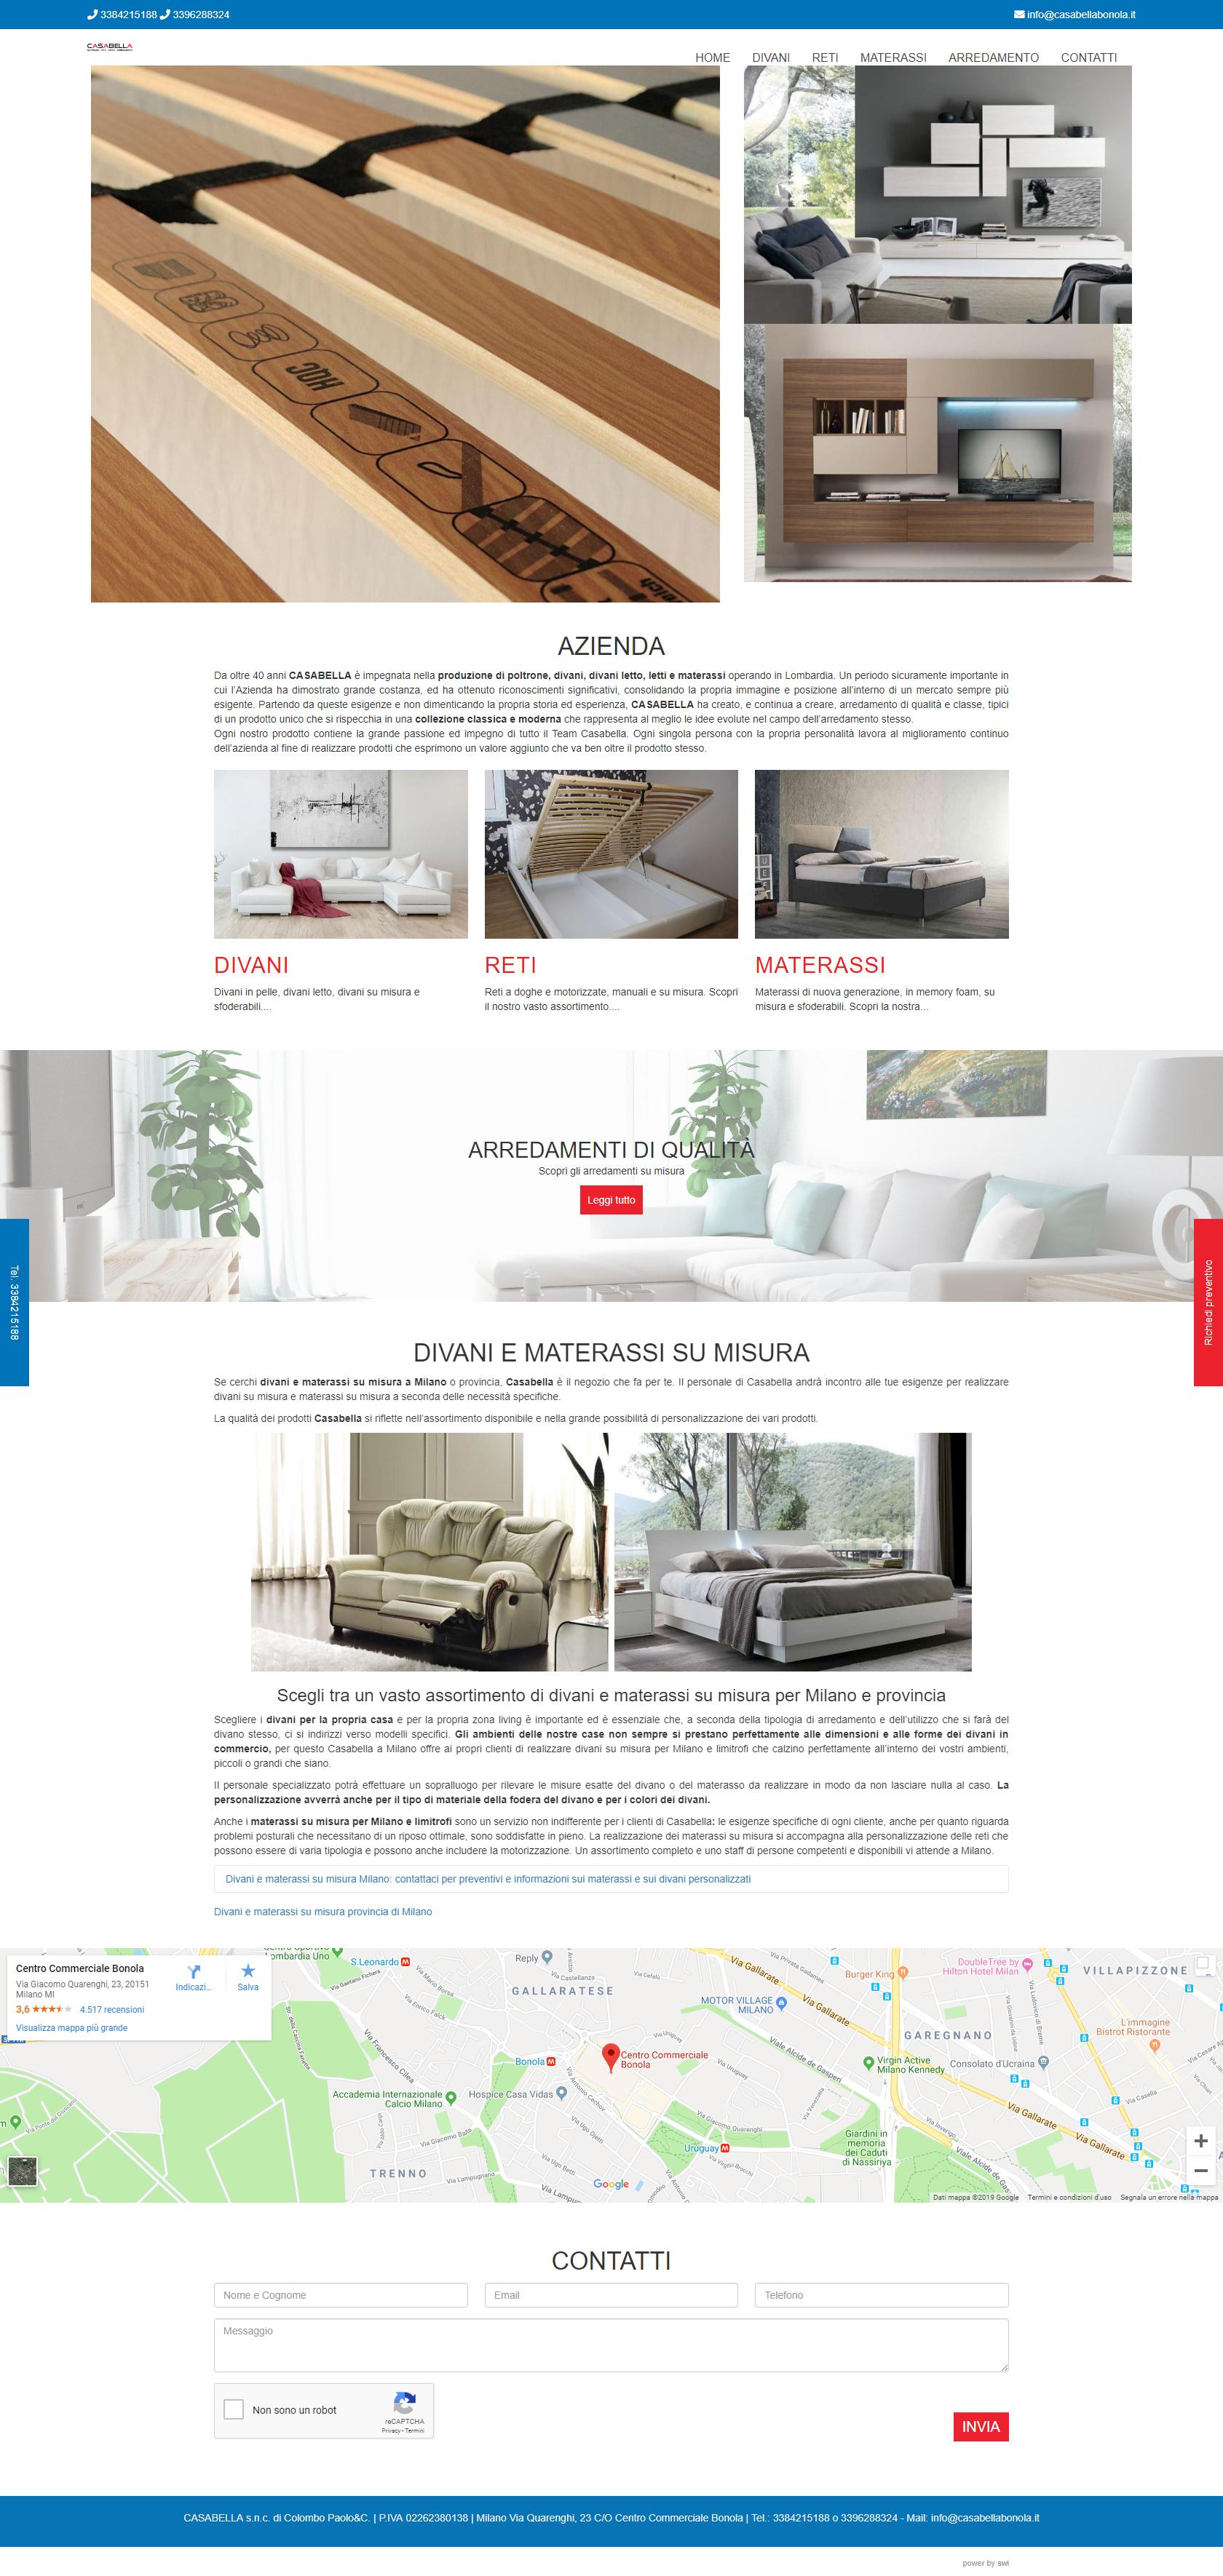 Divani Su Misura Milano casabella - arredamenti di qualità - divani e materassi su